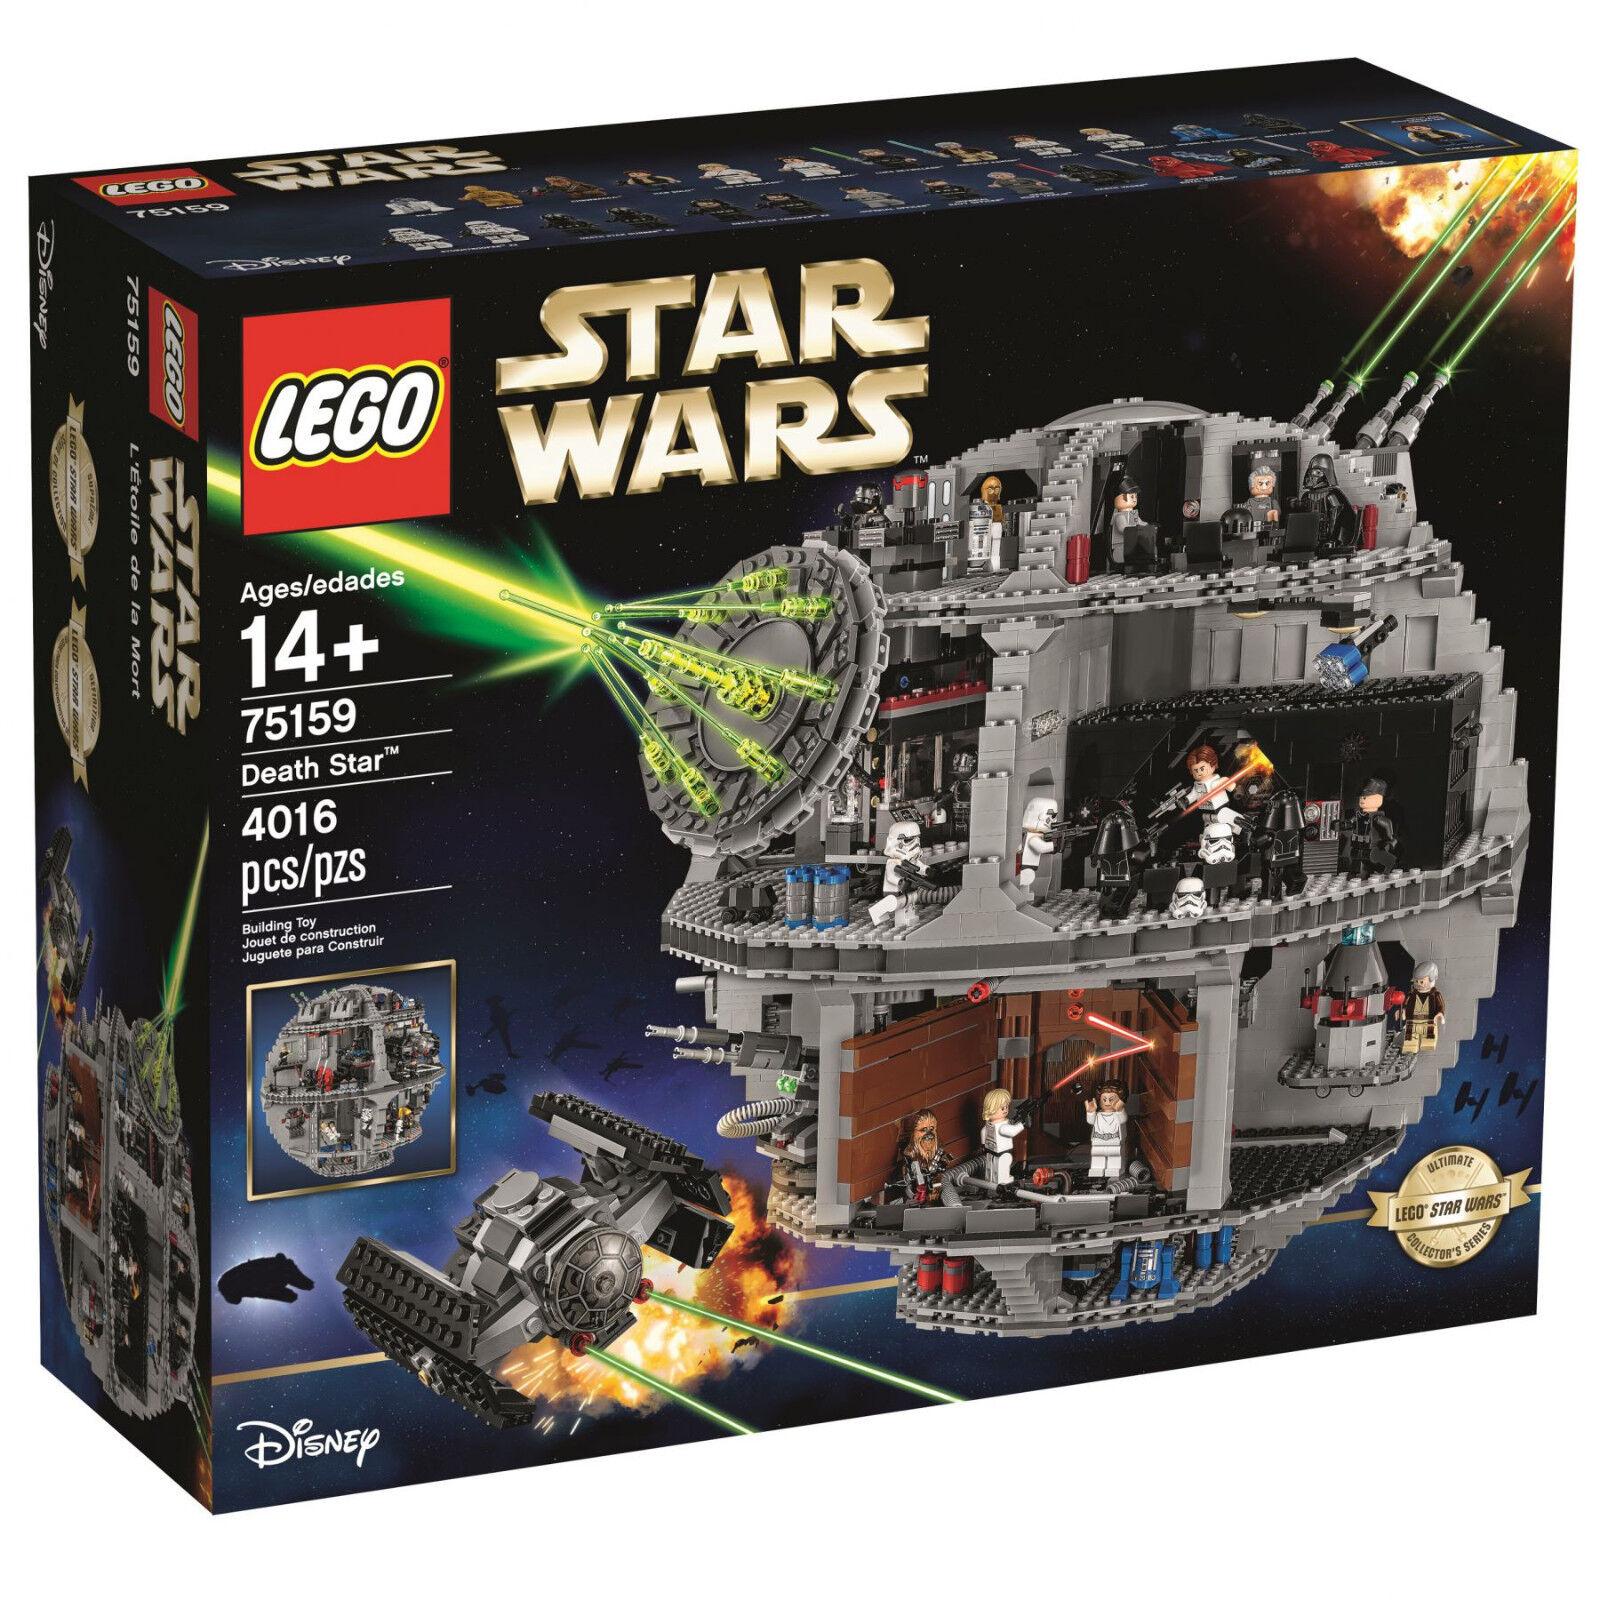 LEGO 75159 STARWARS TODESSTERN NEU + OVP inkl. 2 GESCHENKE im Wert von 40 Euro